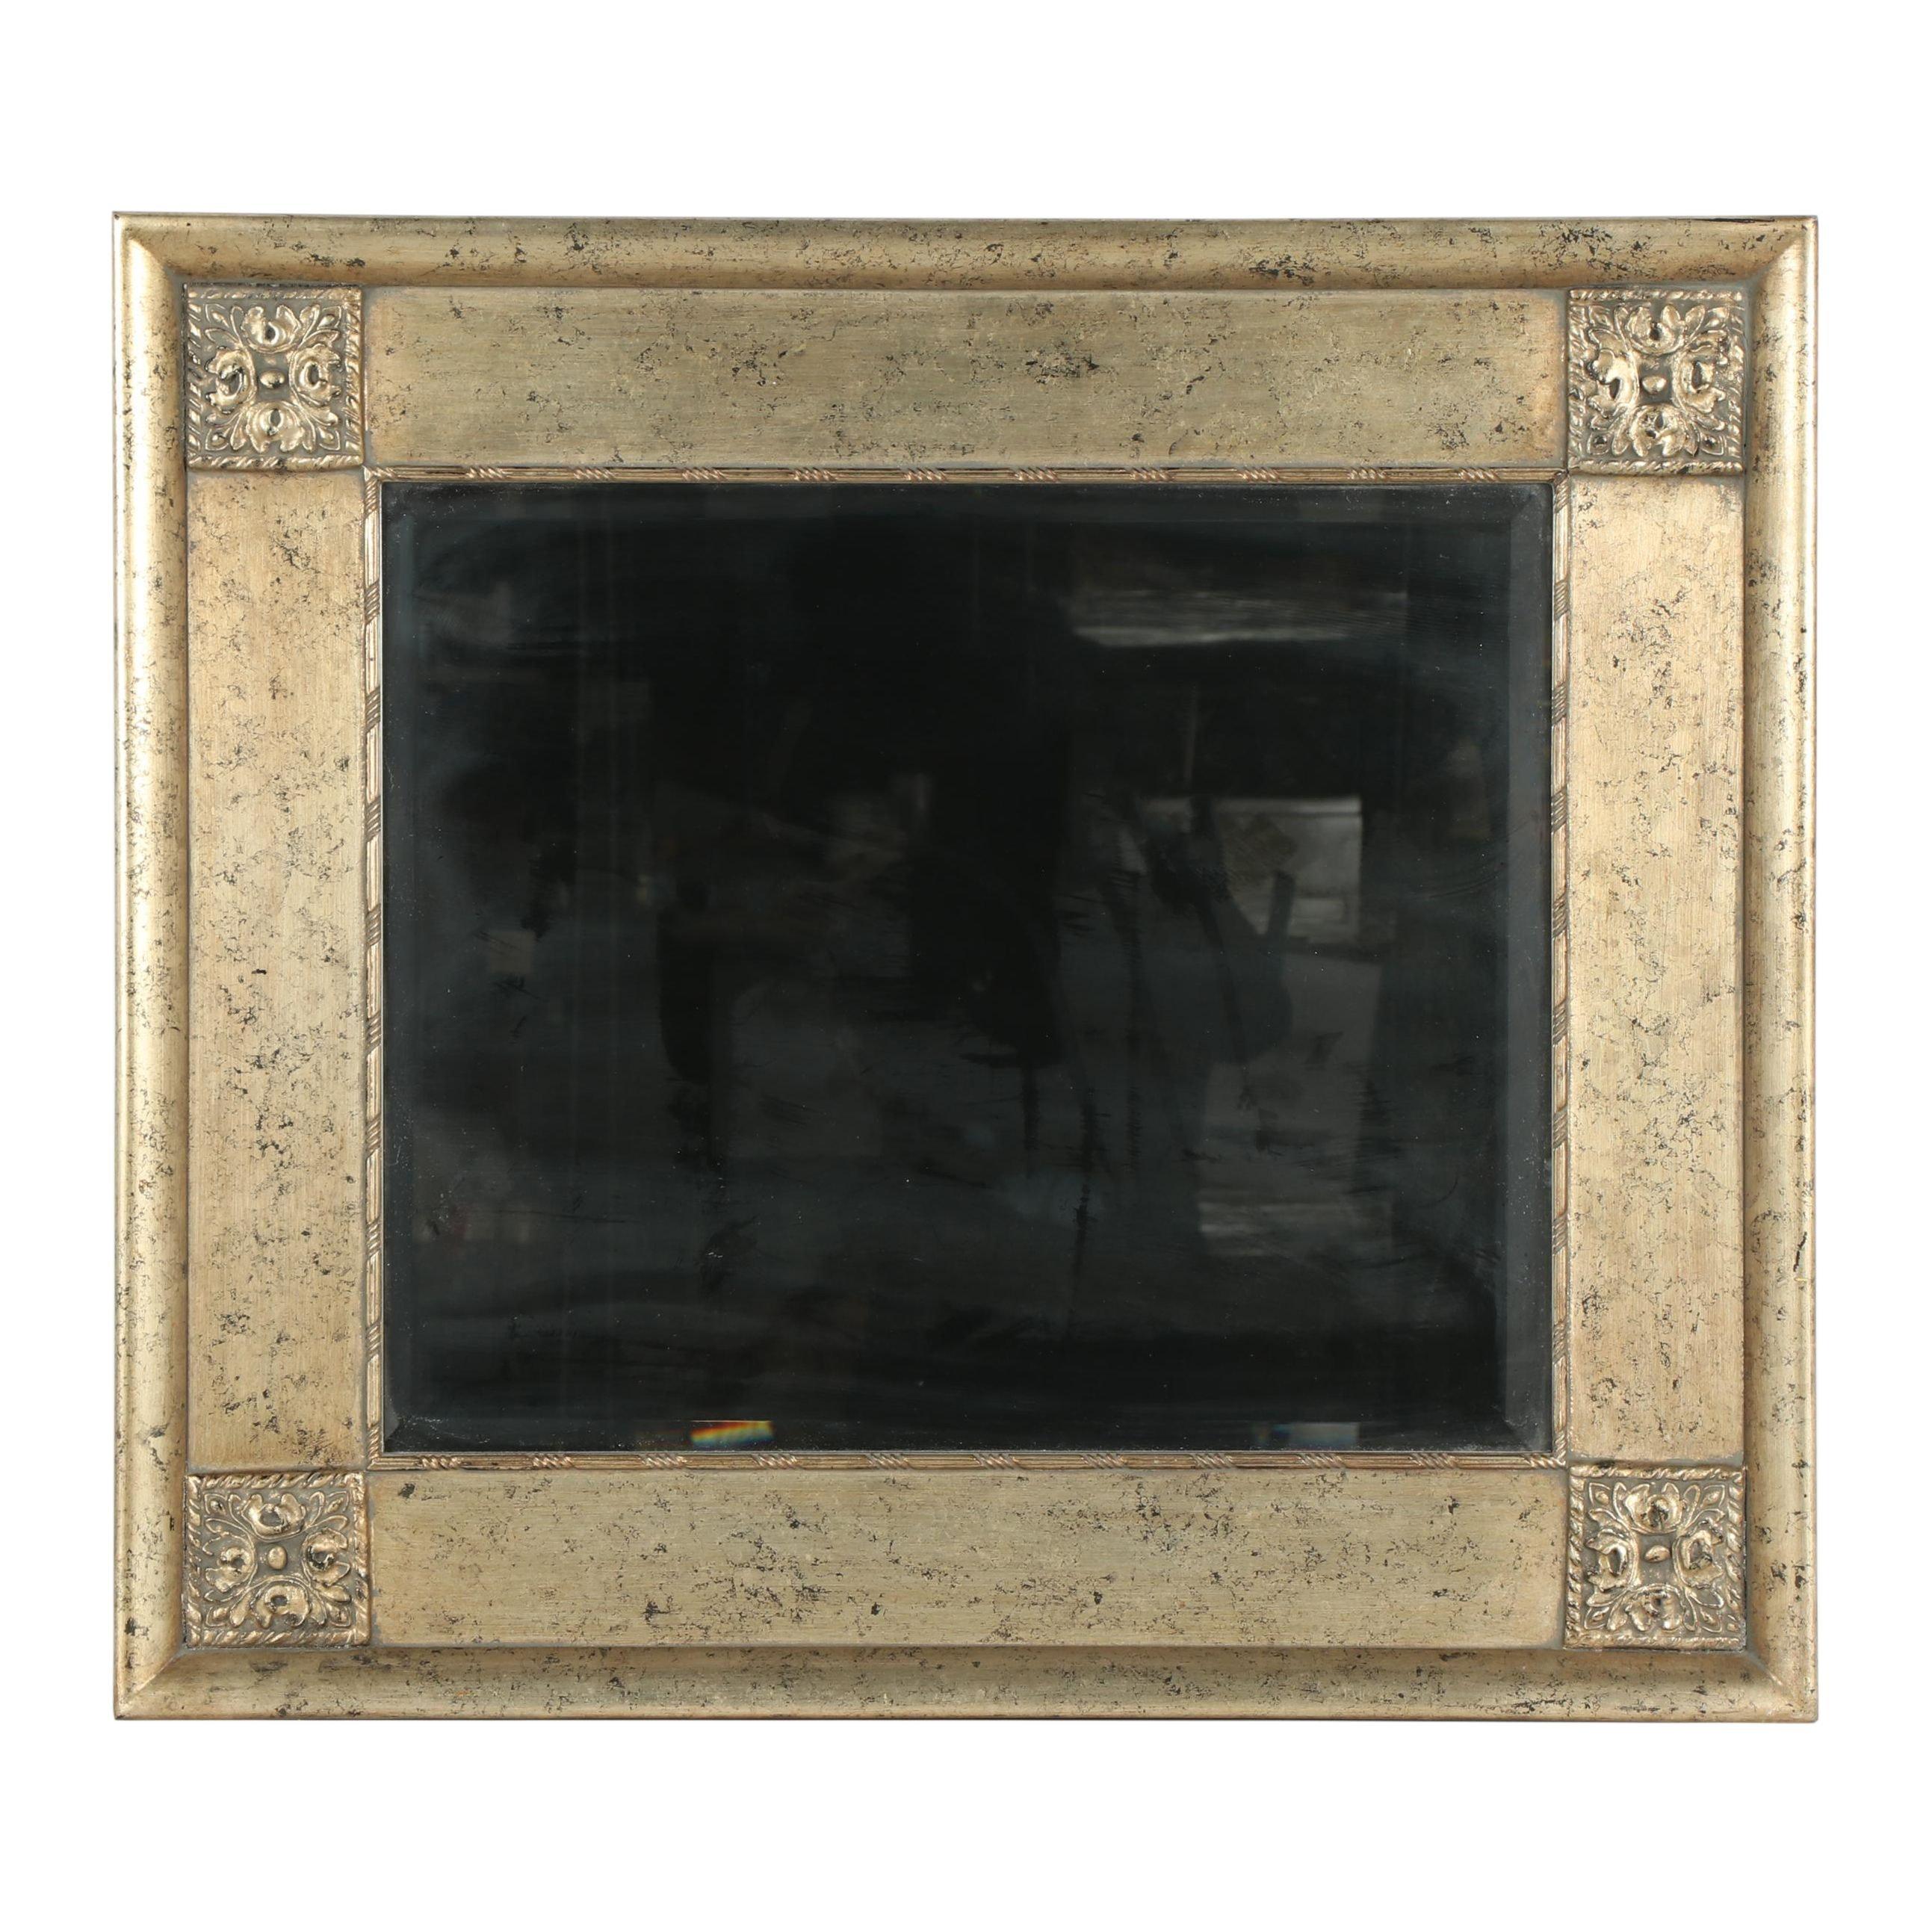 Contemporary Silver Foil Decorative Wall Mirror